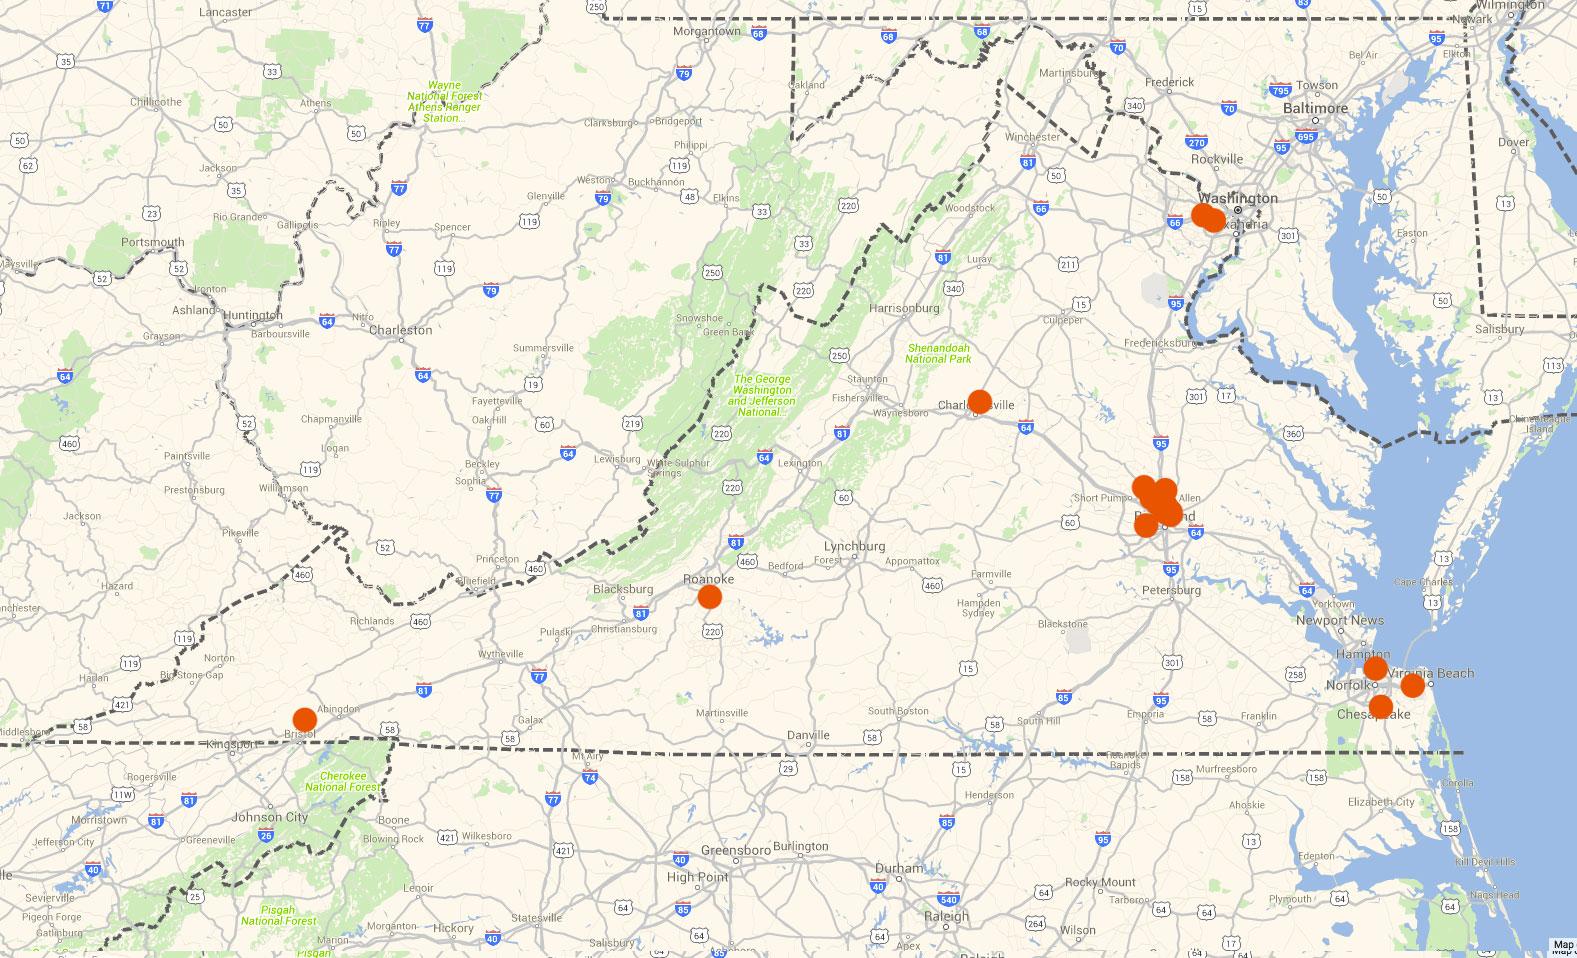 Virginia map of Donate Life members